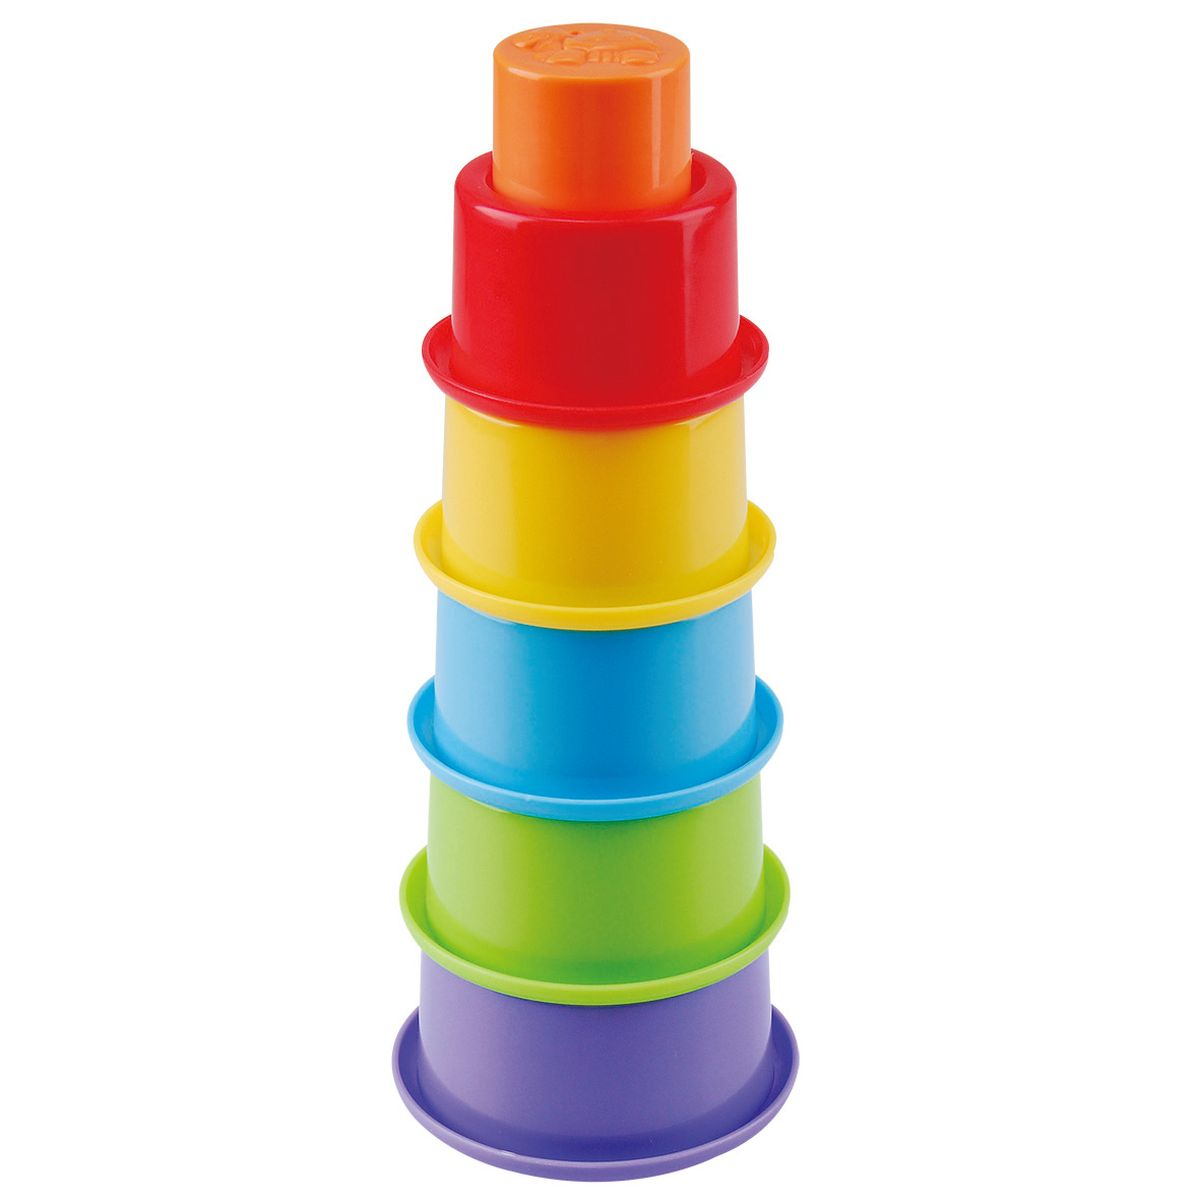 Playgo Развивающая игрушка Пирамида игрушки интерактивные playgo развивающая игрушка пирамида